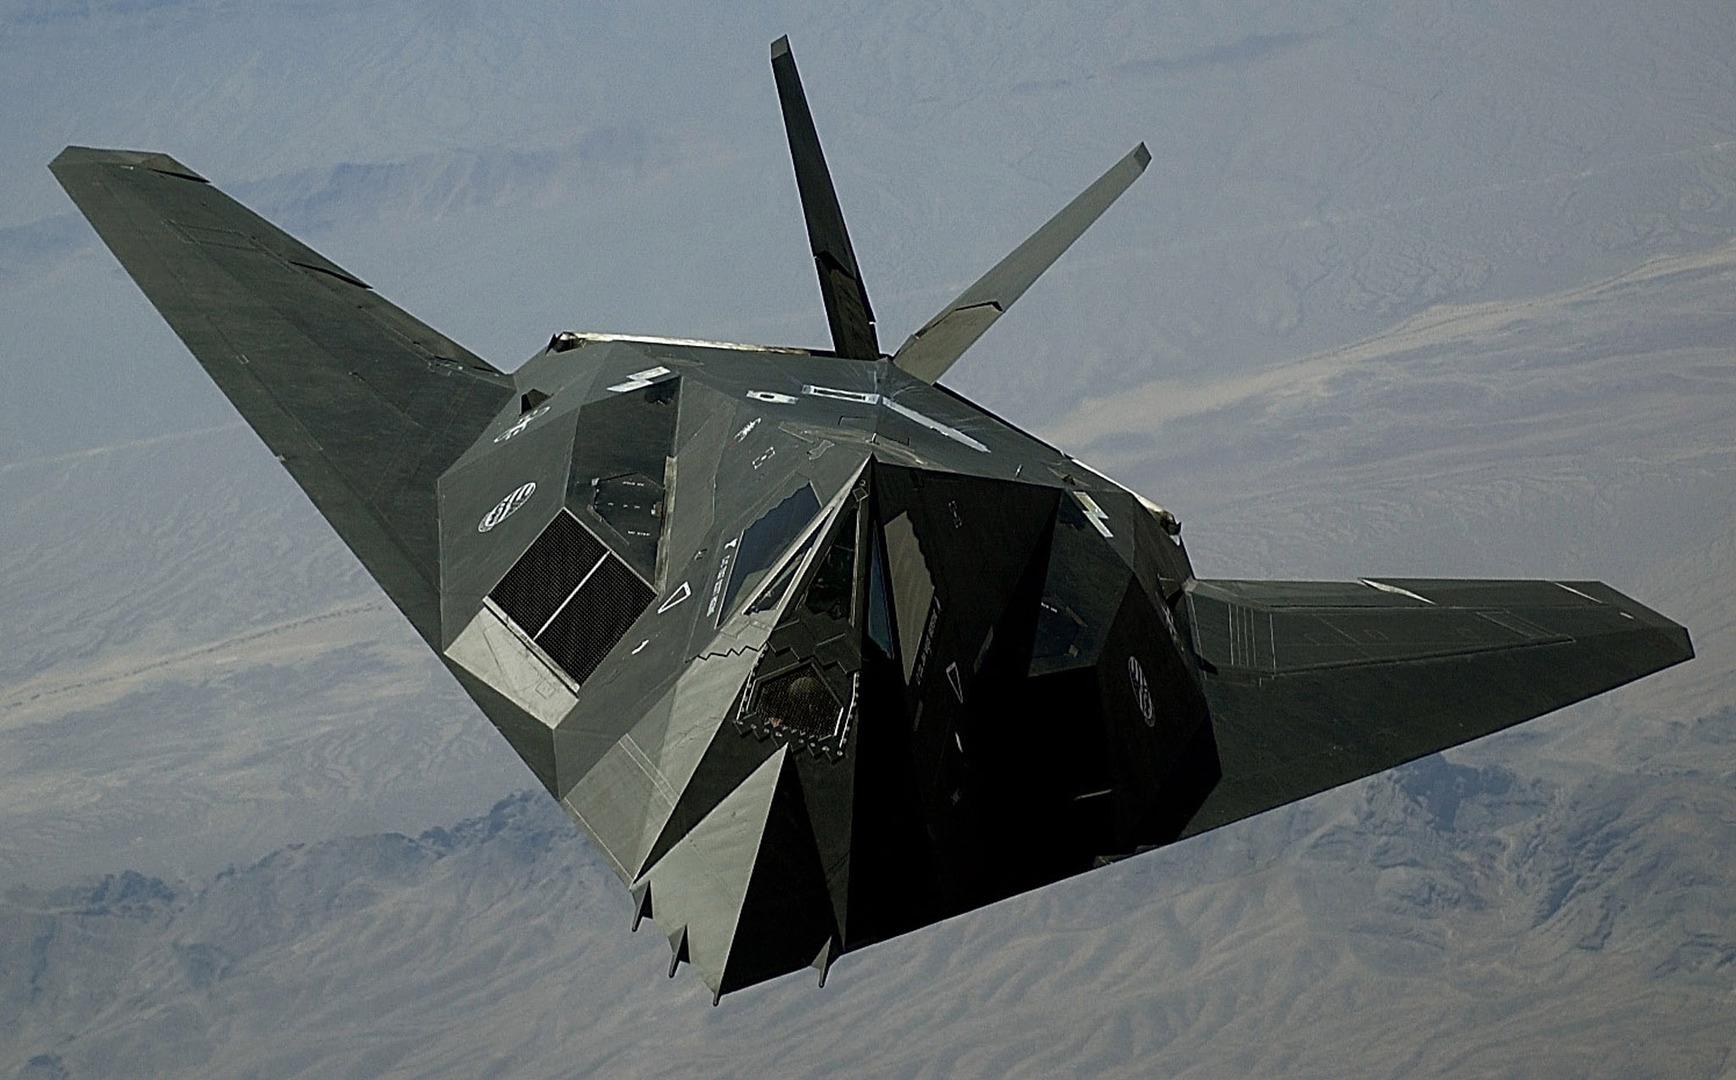 طيار أمريكي متقاعد يكشف لأول مرة إصابة طائرة شبح ثانية في سماء صربيا